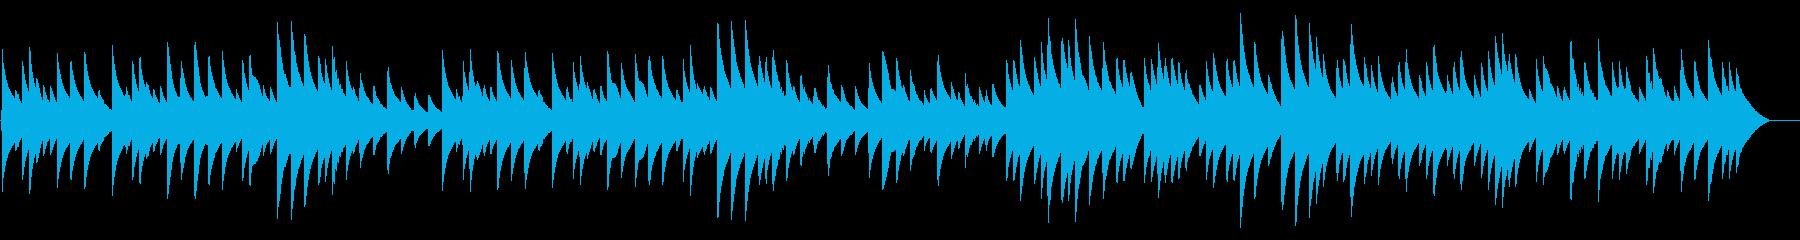 電話 保留音01-1(愛の挨拶)の再生済みの波形